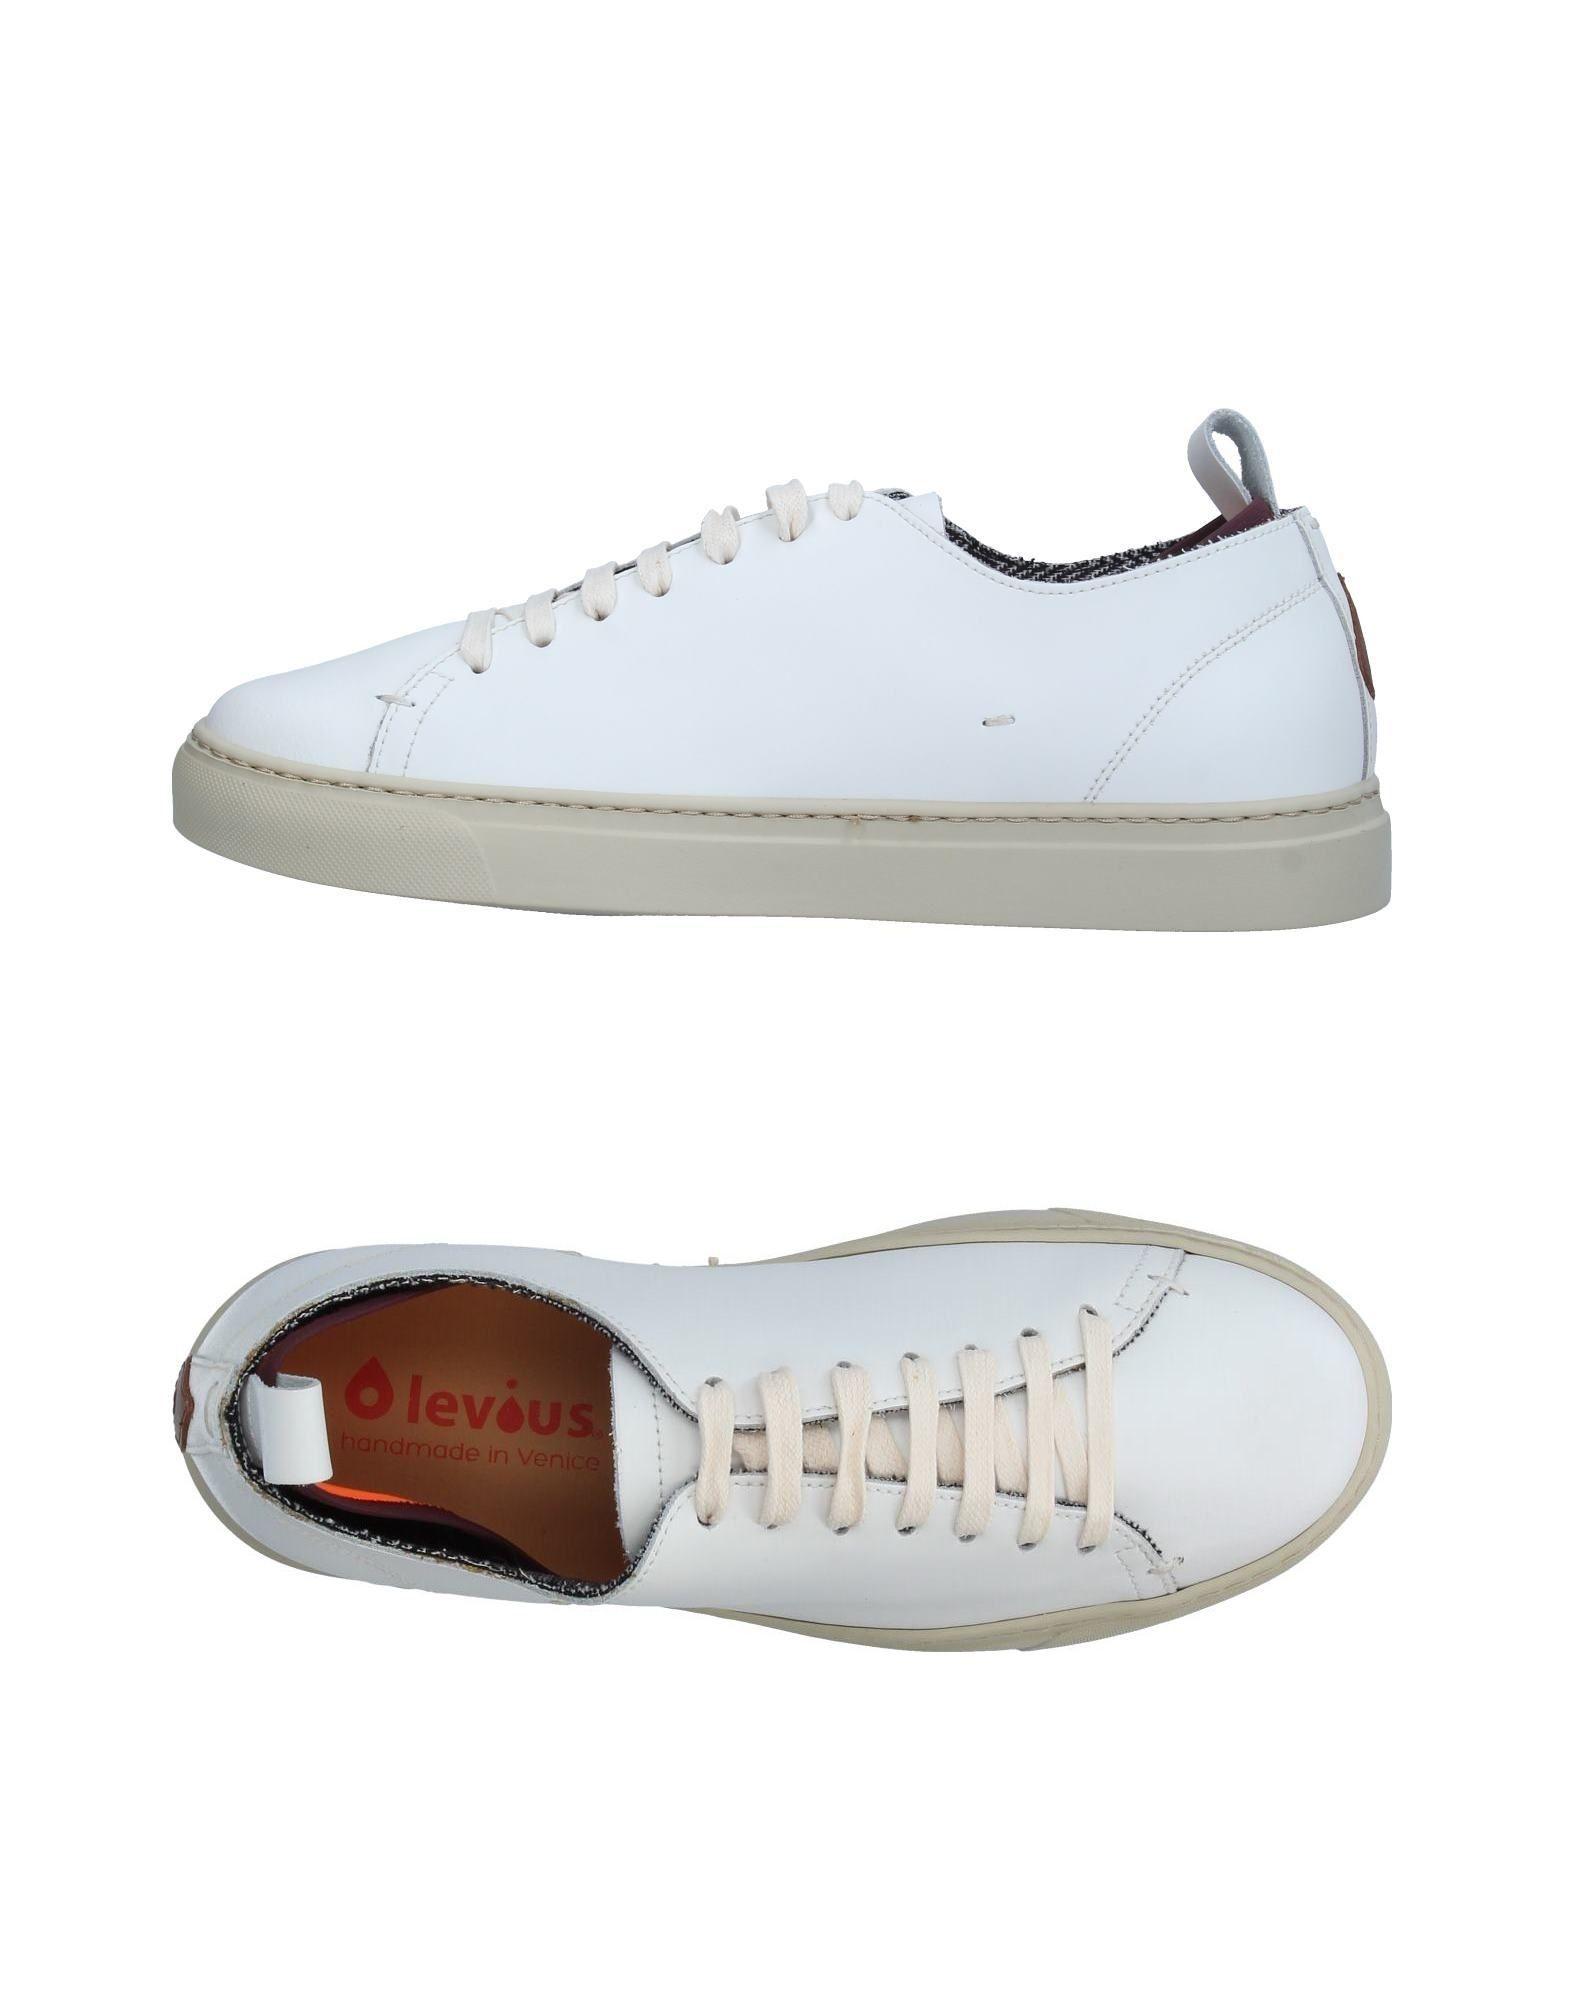 A buon mercato Sneakers Levius Uomo - 11328270HL